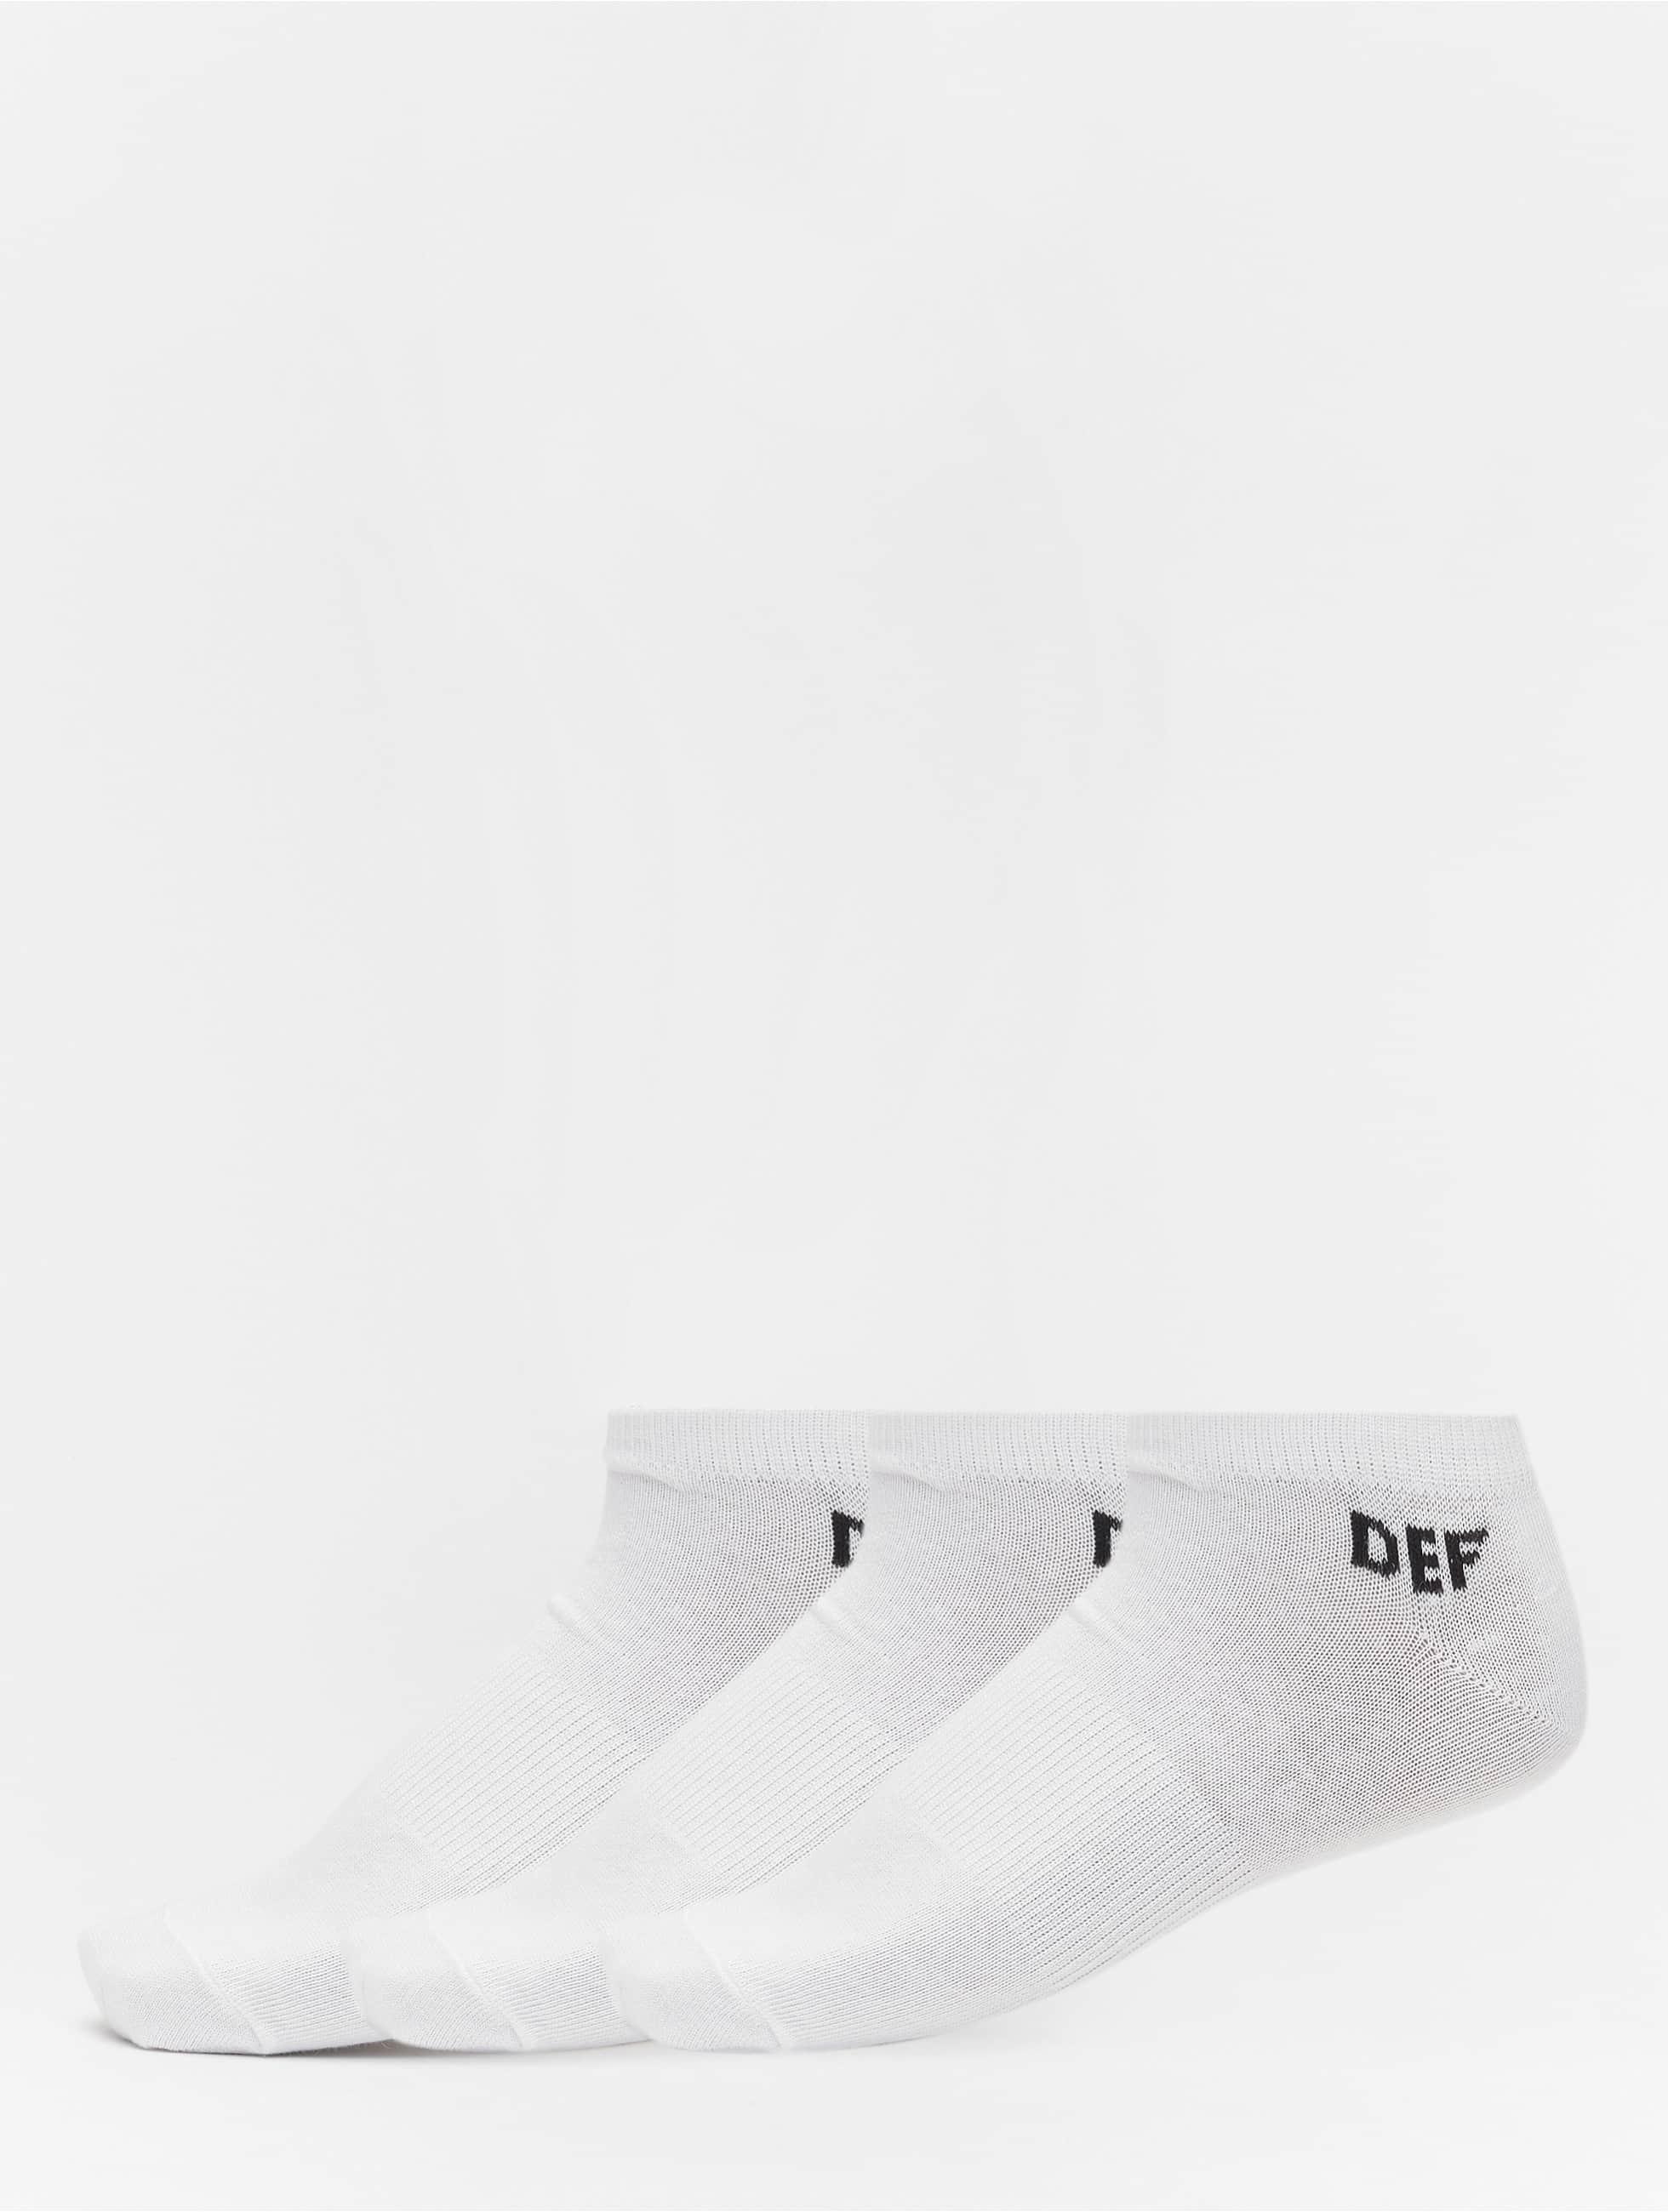 DEF / Socks Tesla in white 47-50